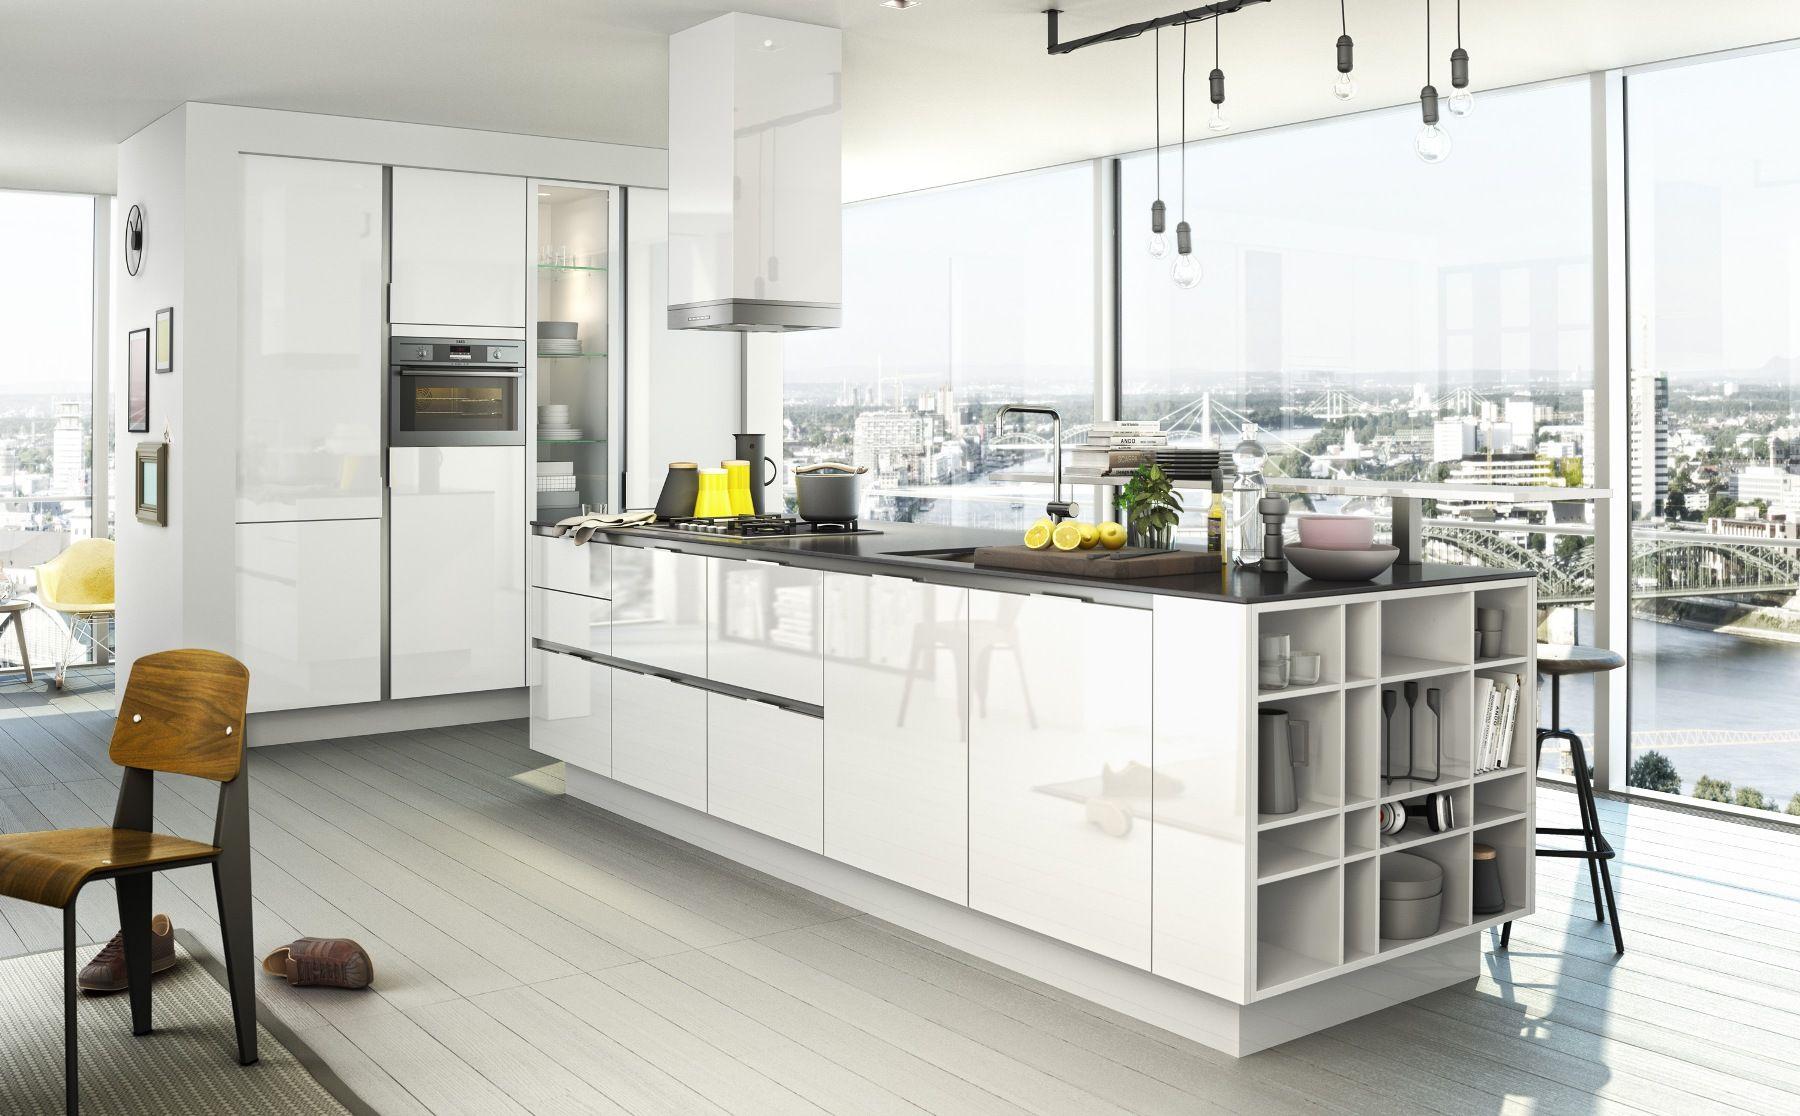 ... keuken prijzen  SieMatic S3. luxe design greeploze keuken [48623